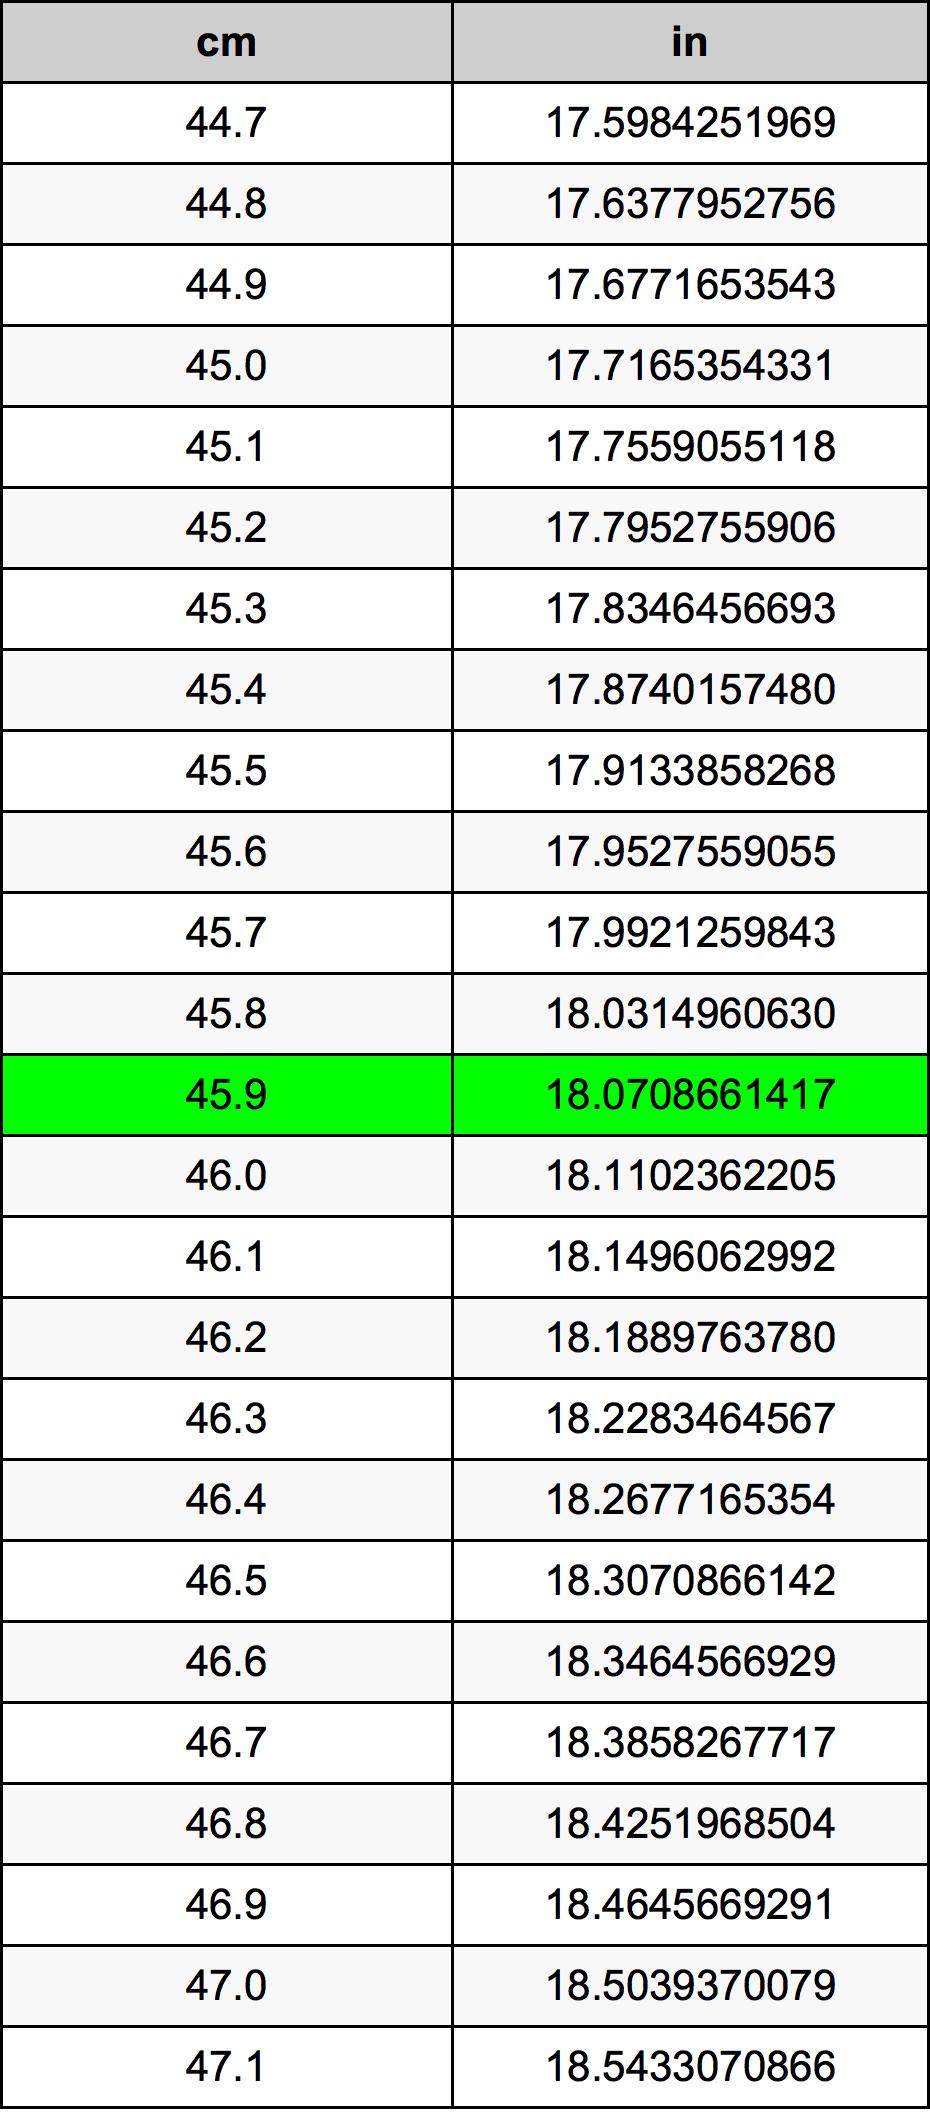 45.9 Zentimeter Umrechnungstabelle